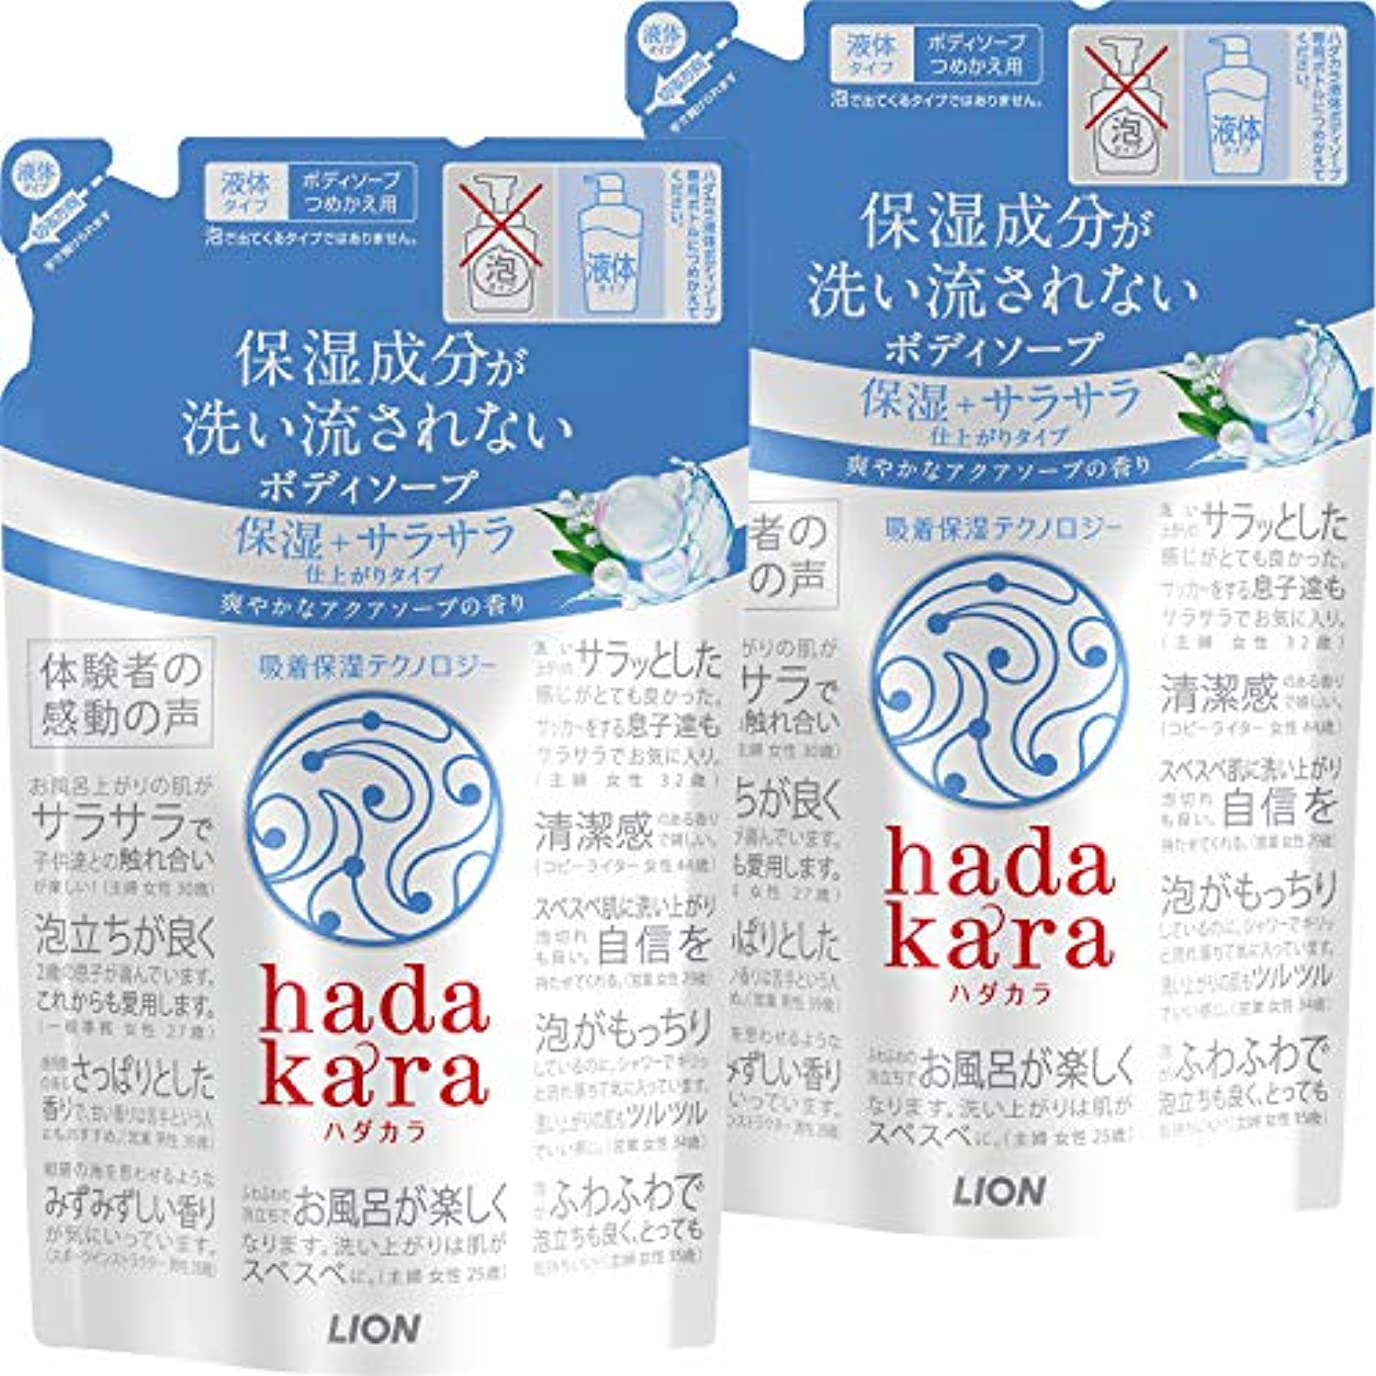 時制特異性買い物に行くhadakara(ハダカラ)ボディソープ 保湿+サラサラ仕上がりタイプ アクアソープの香り つめかえ用 340ml×2個パック